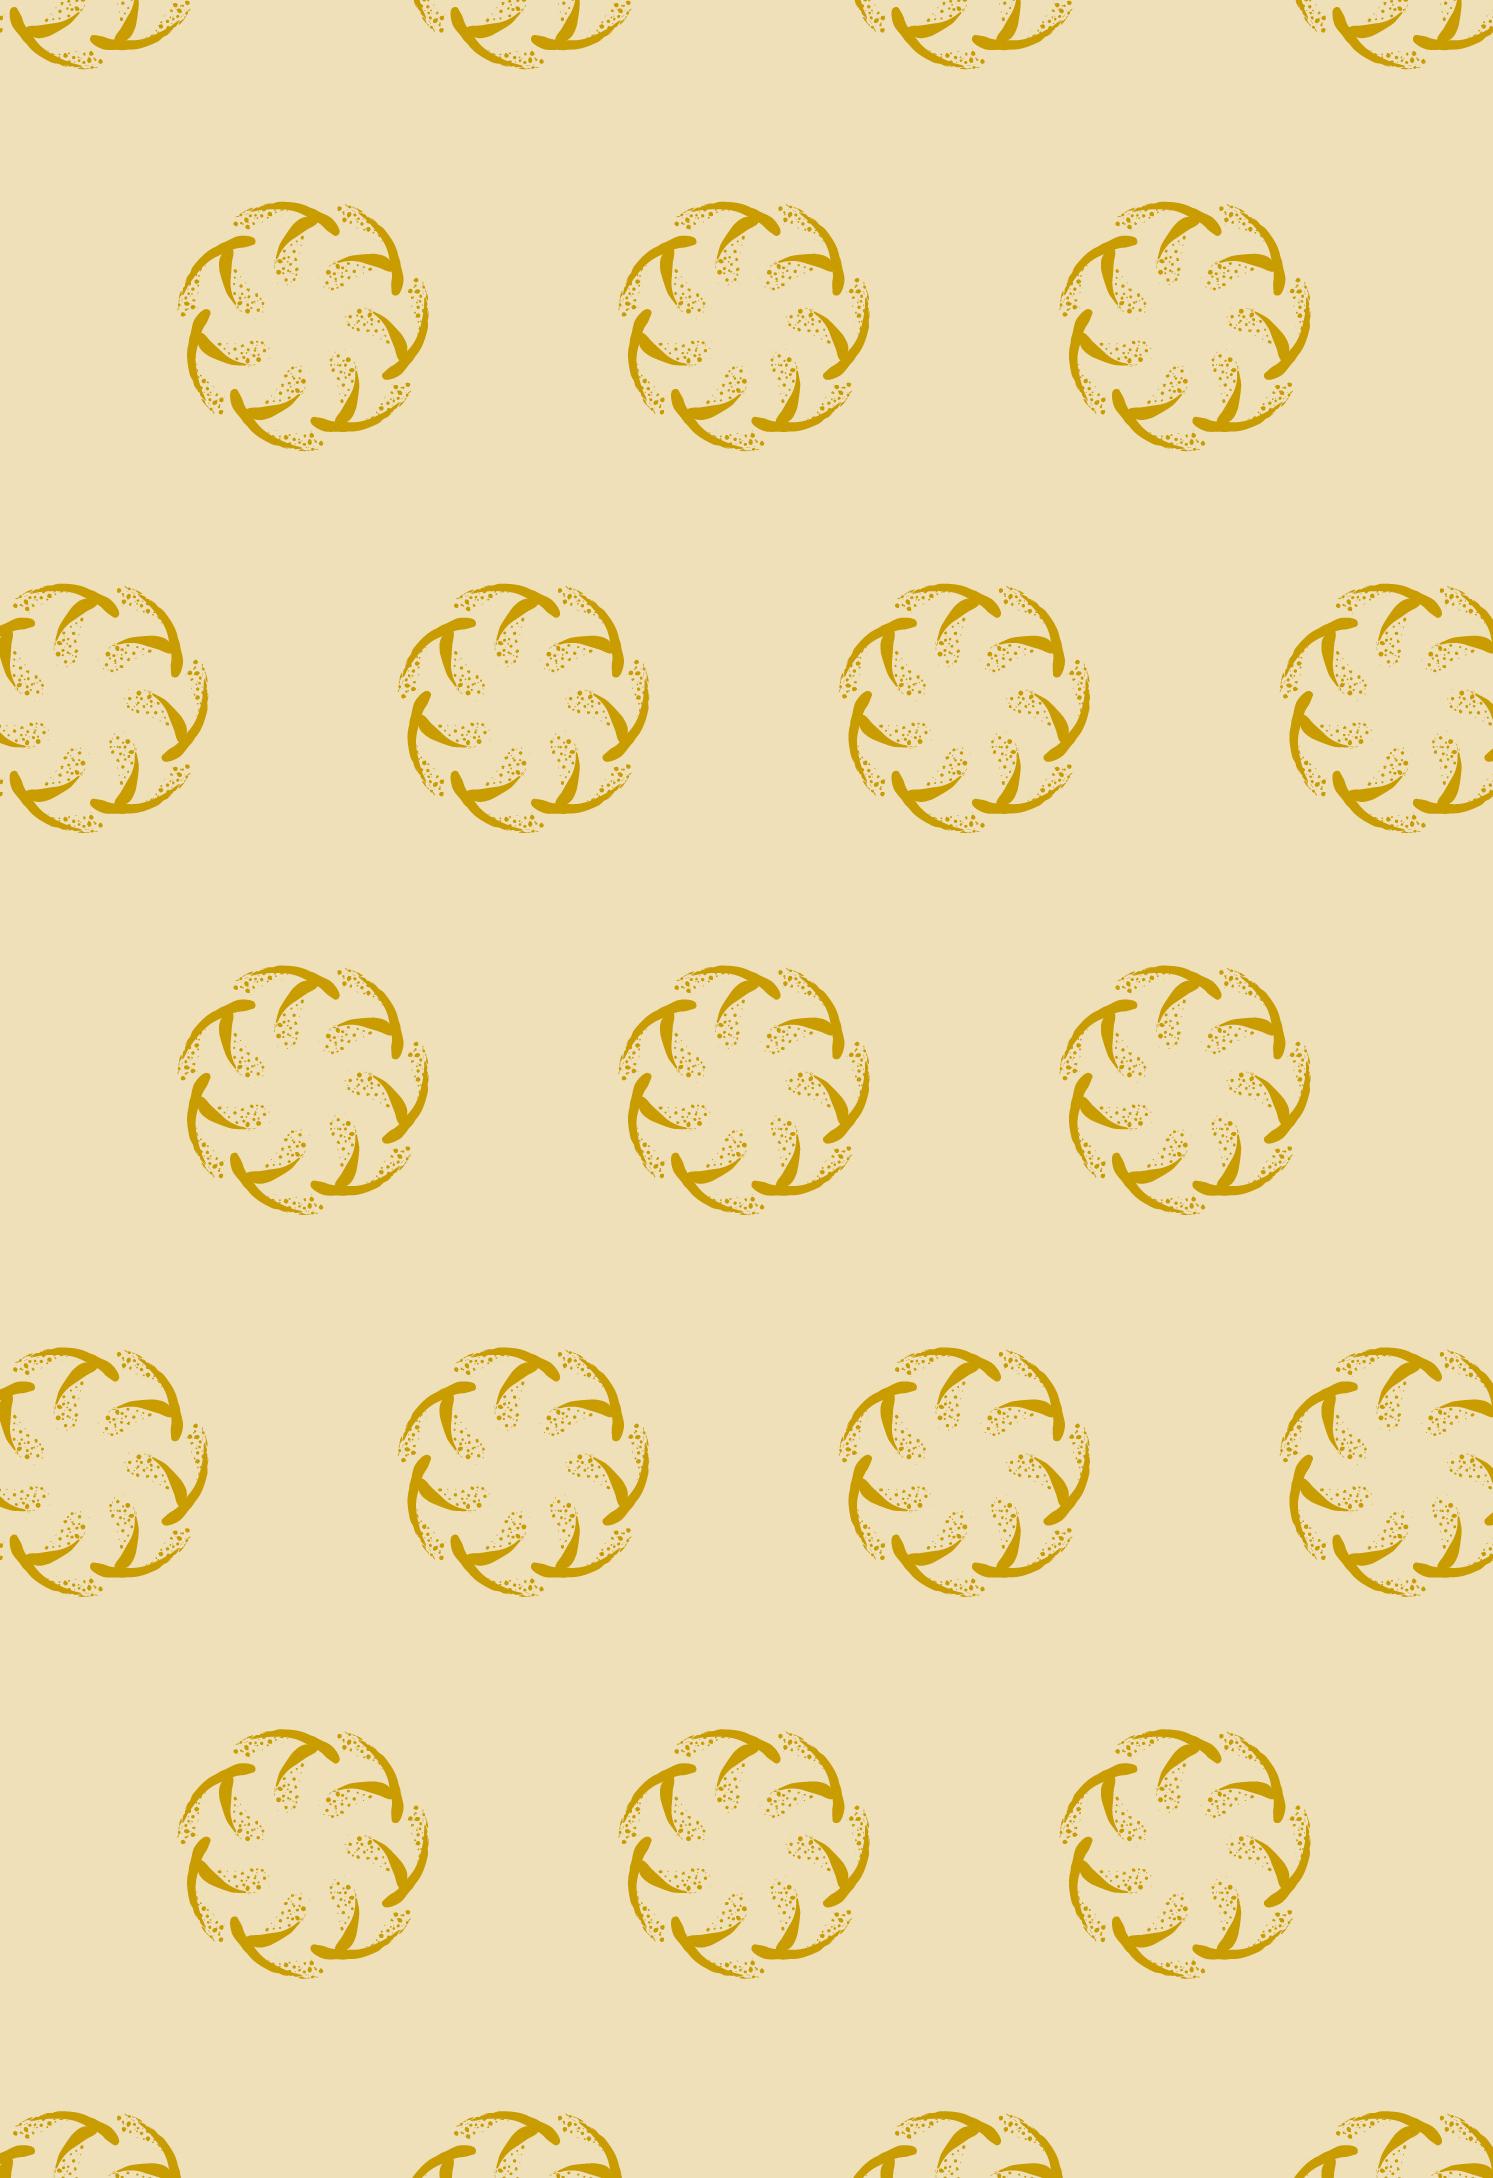 彦根市稲枝地区 物産品 包装紙デザイン